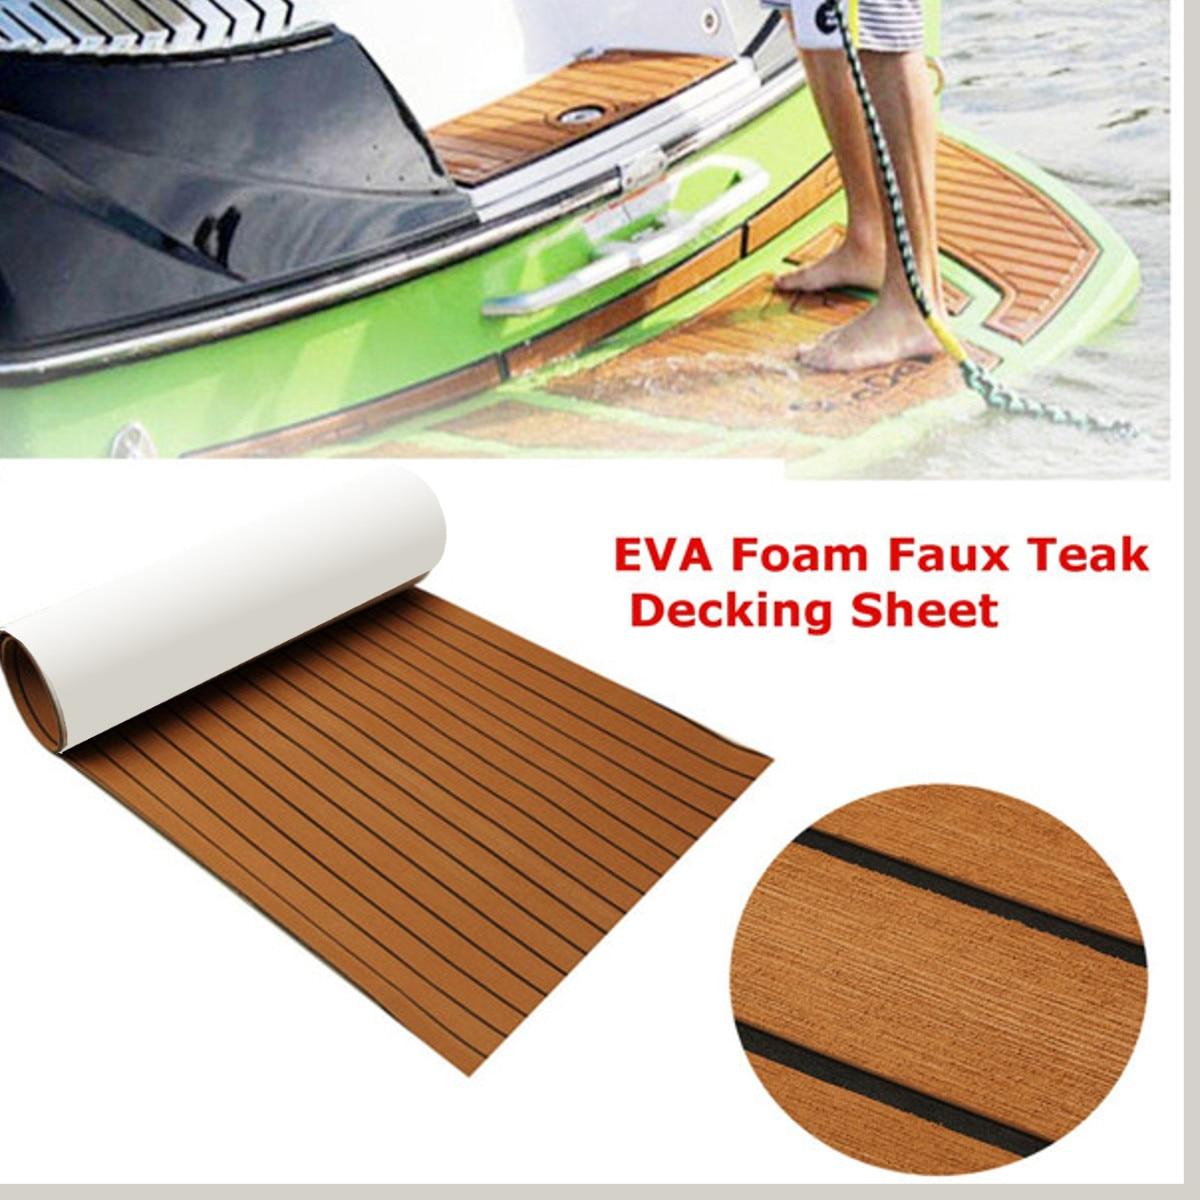 244x91.5 cm bateau marin EVA mousse teck feuille Yacht RV plancher 6mm d'épaisseur auto-adhésif synthétique platelage mousse tapis tapis marron